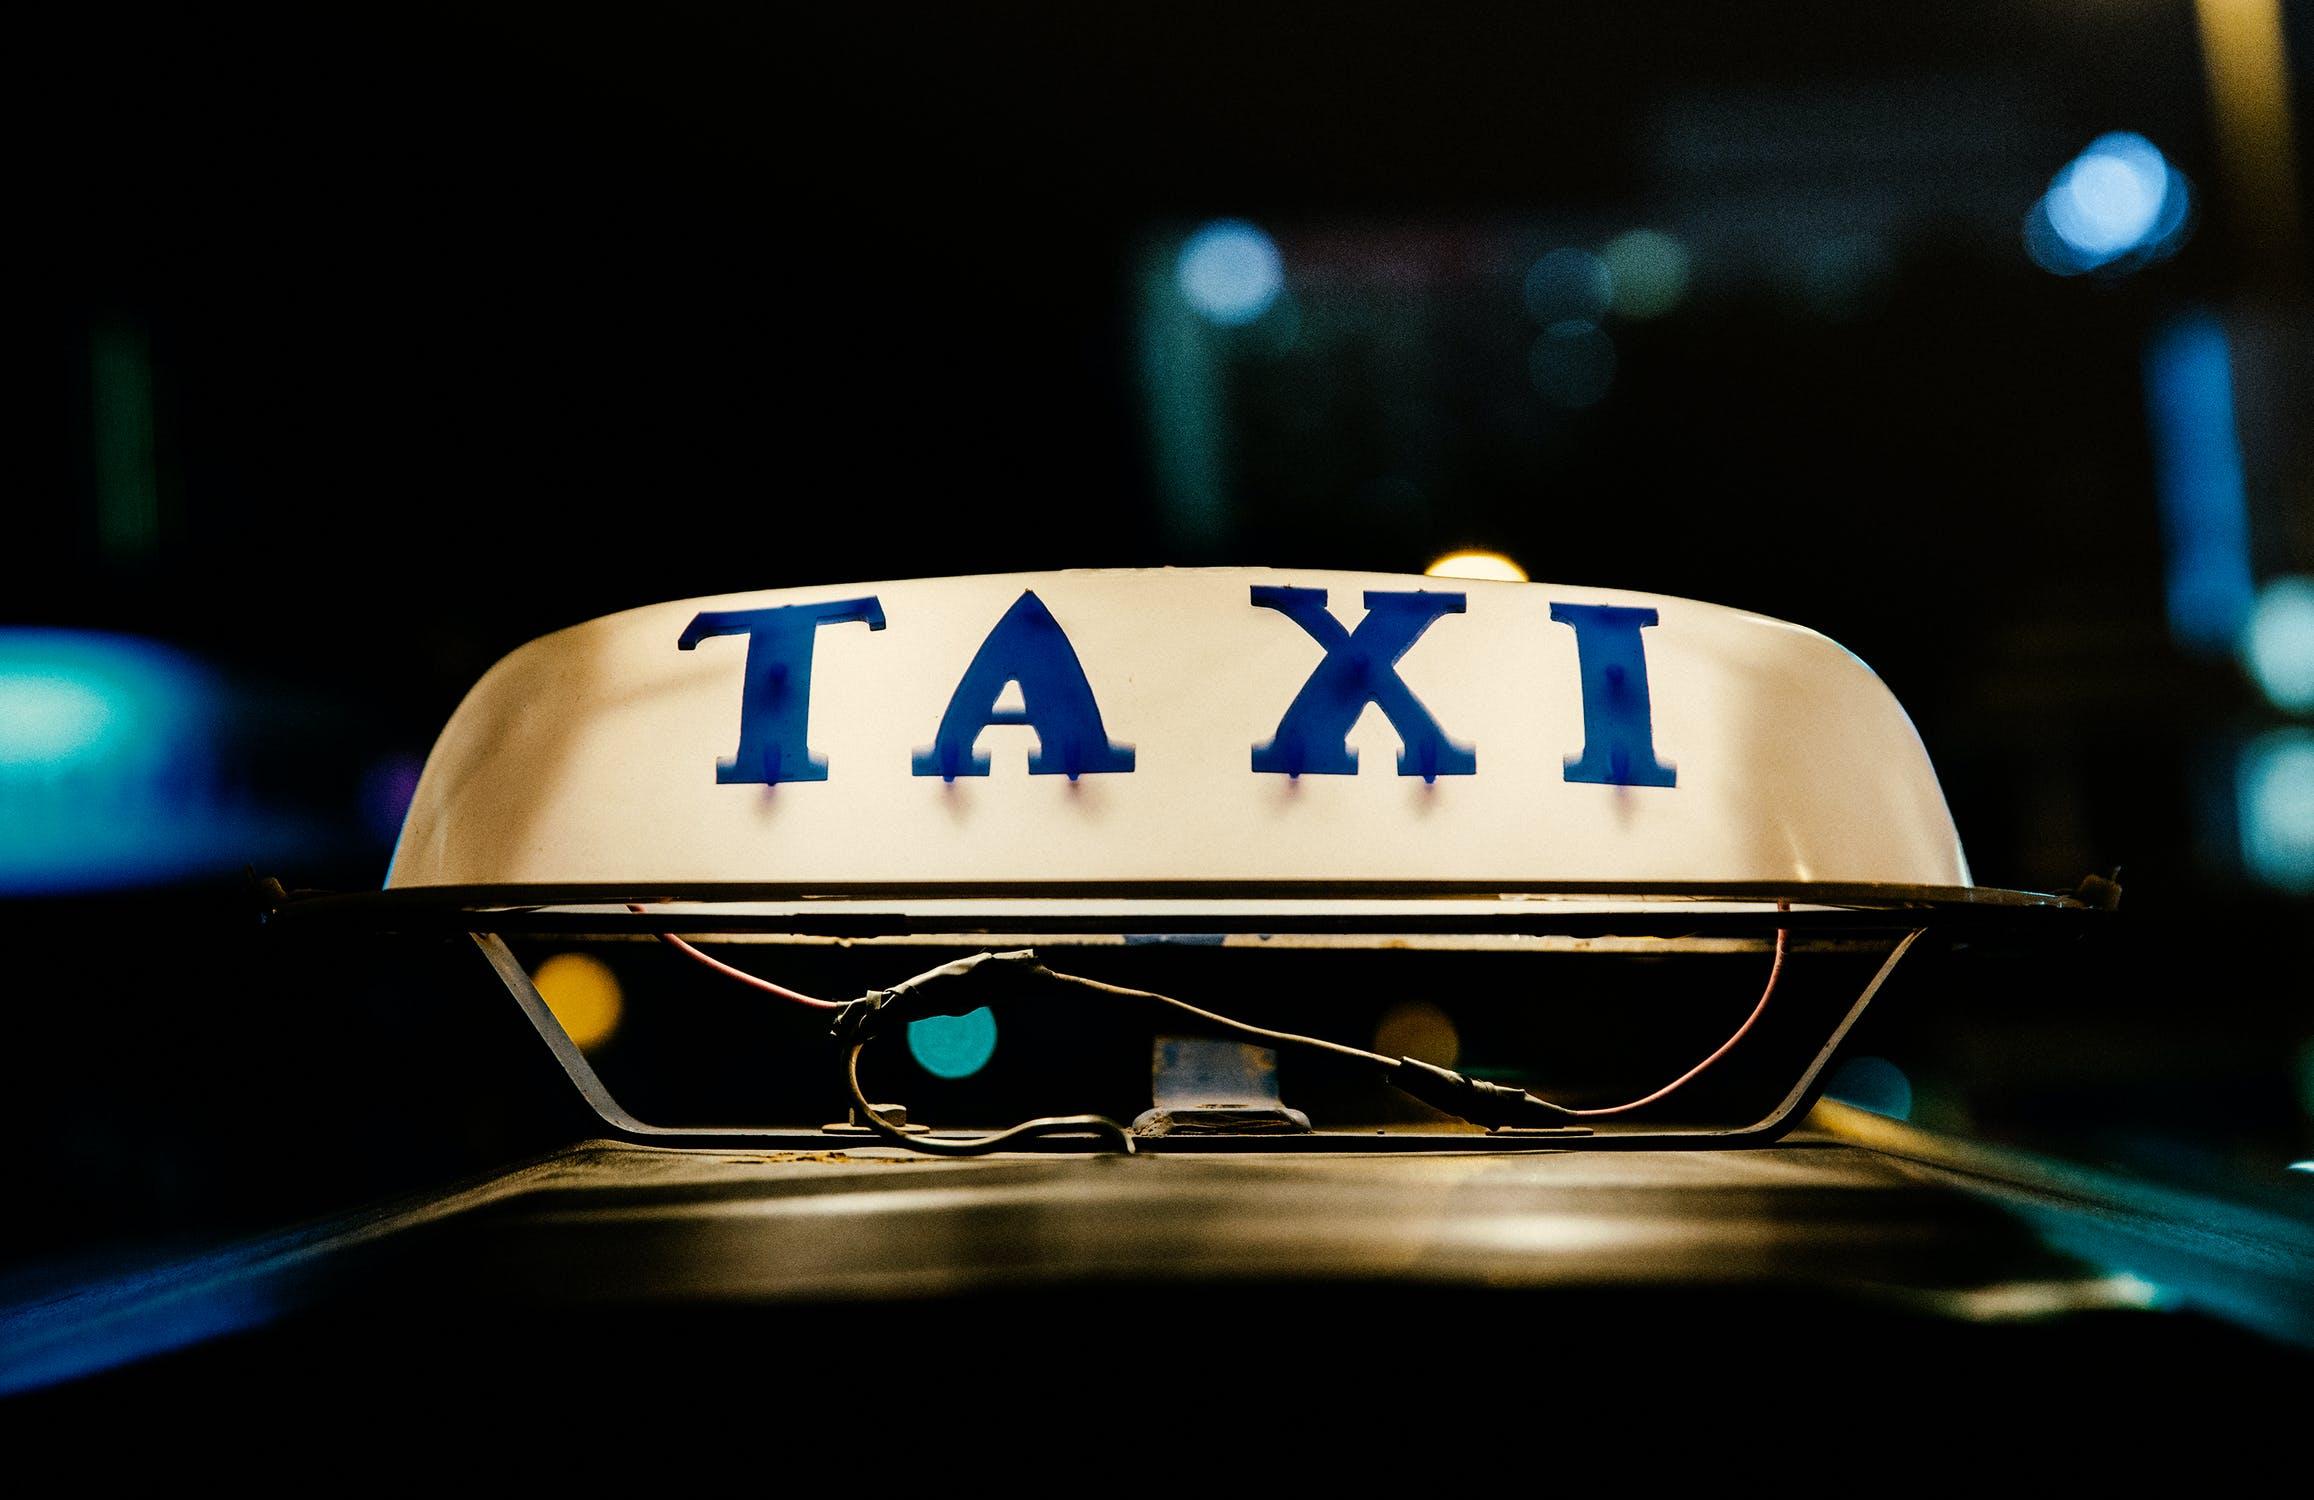 ВТБ Лизинг фиксирует трехкратный рост объемов сделок с операторами такси